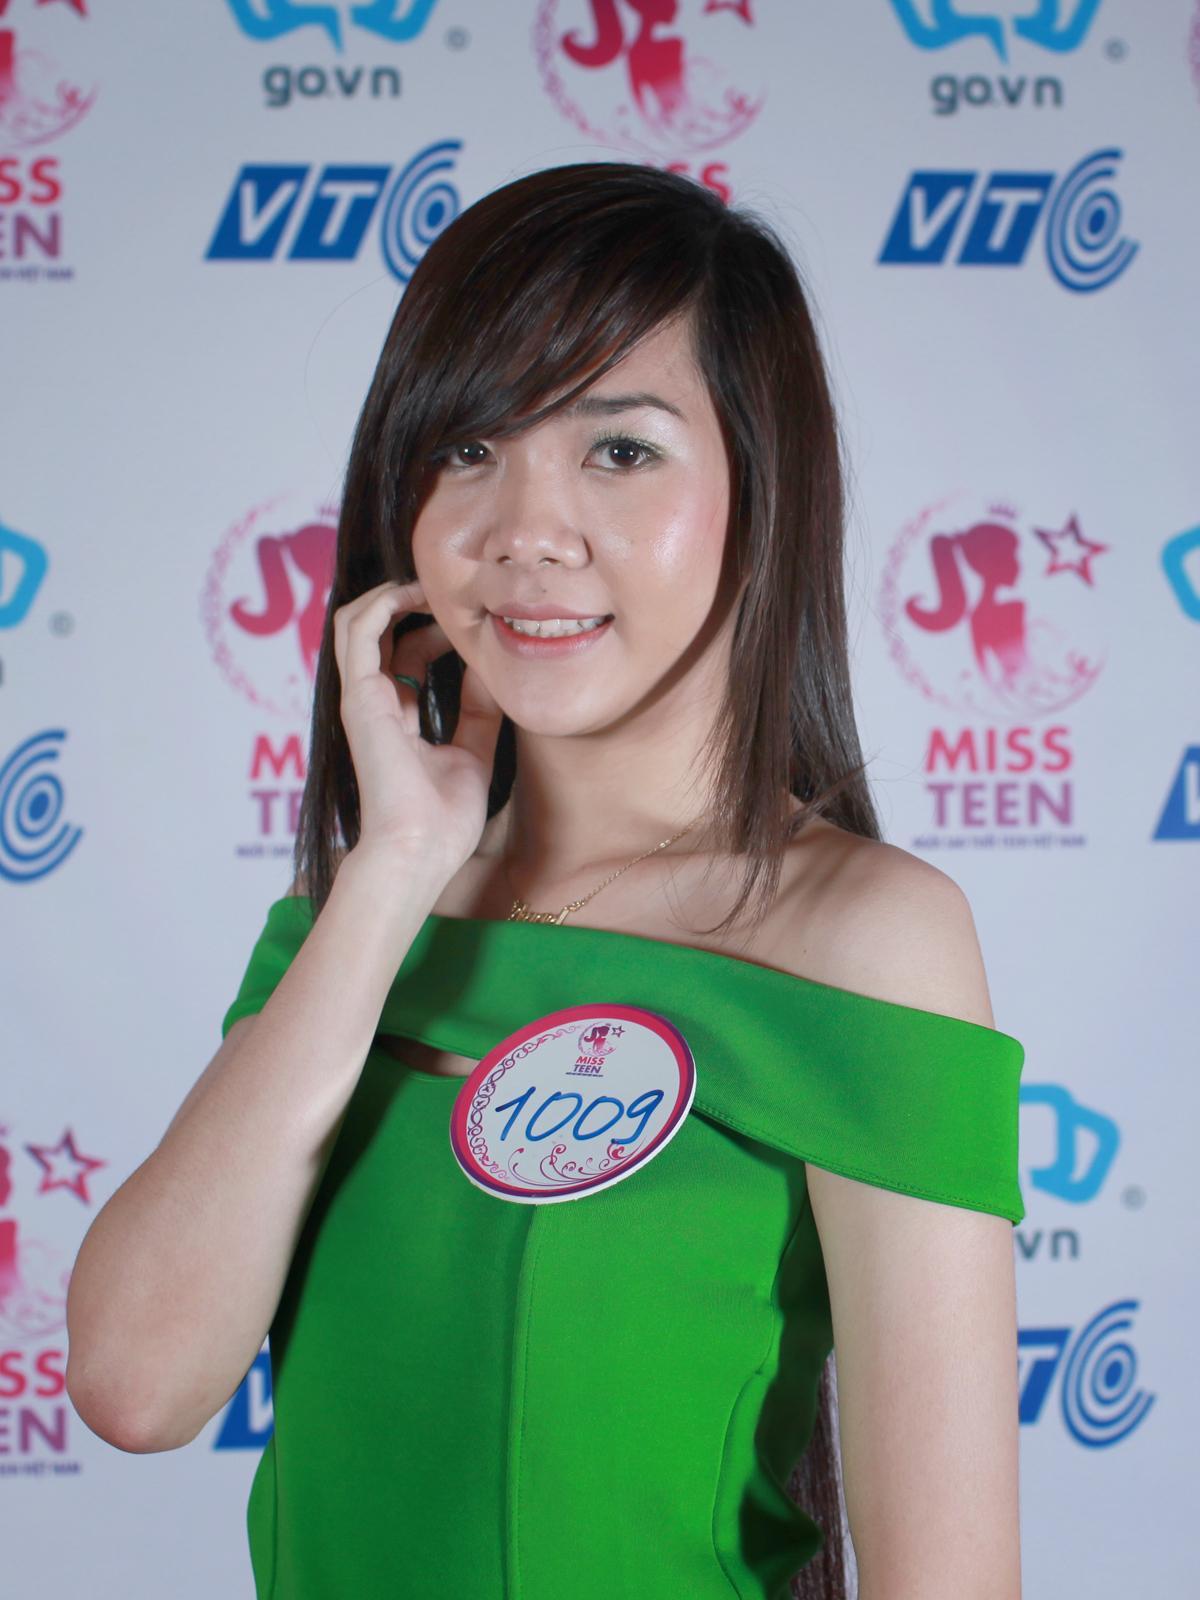 miss teen vietnam 2011 part 12 - Vietnamese girls